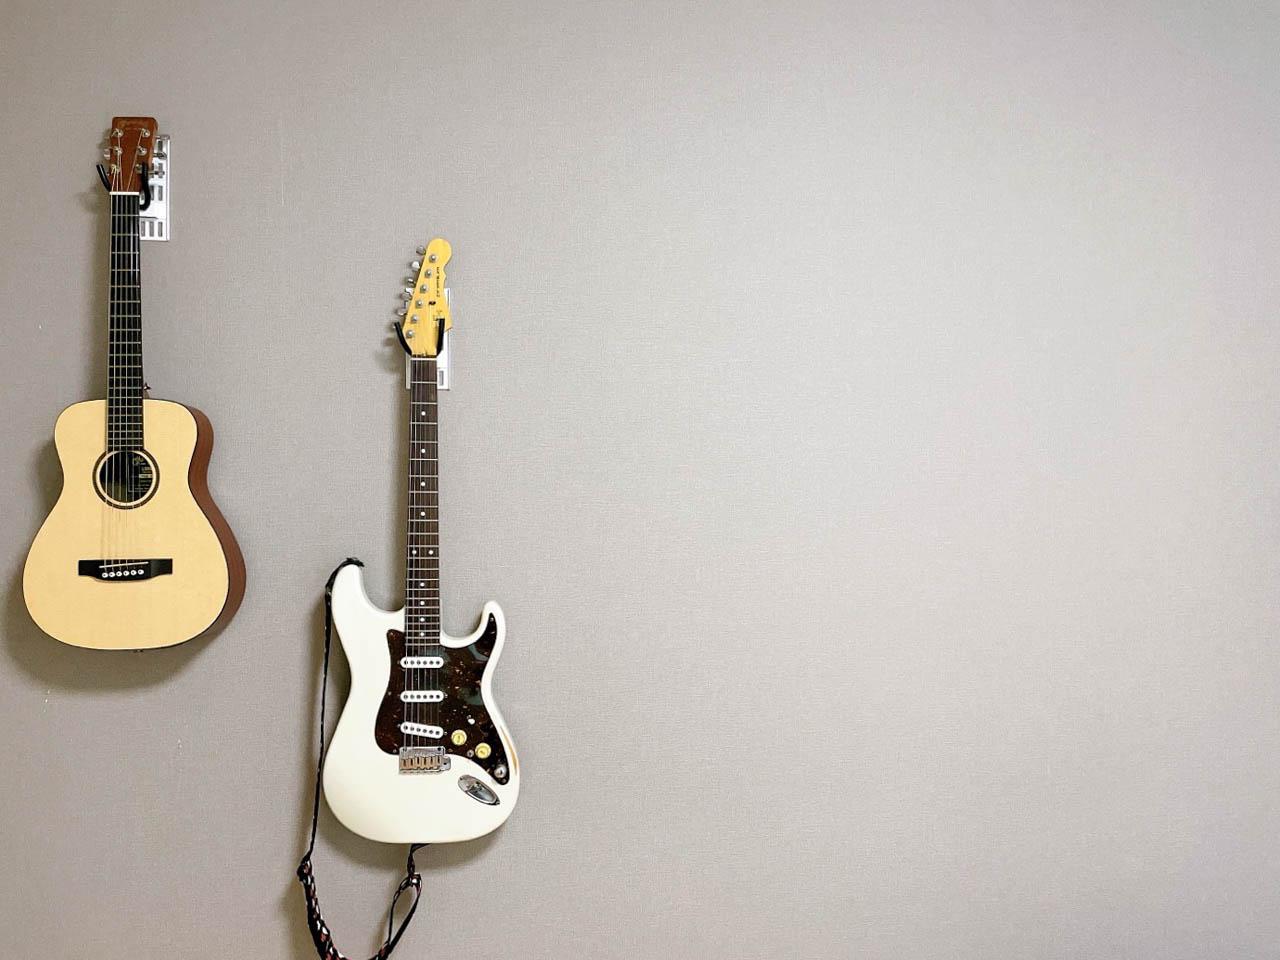 実際にギターを掛けてみた